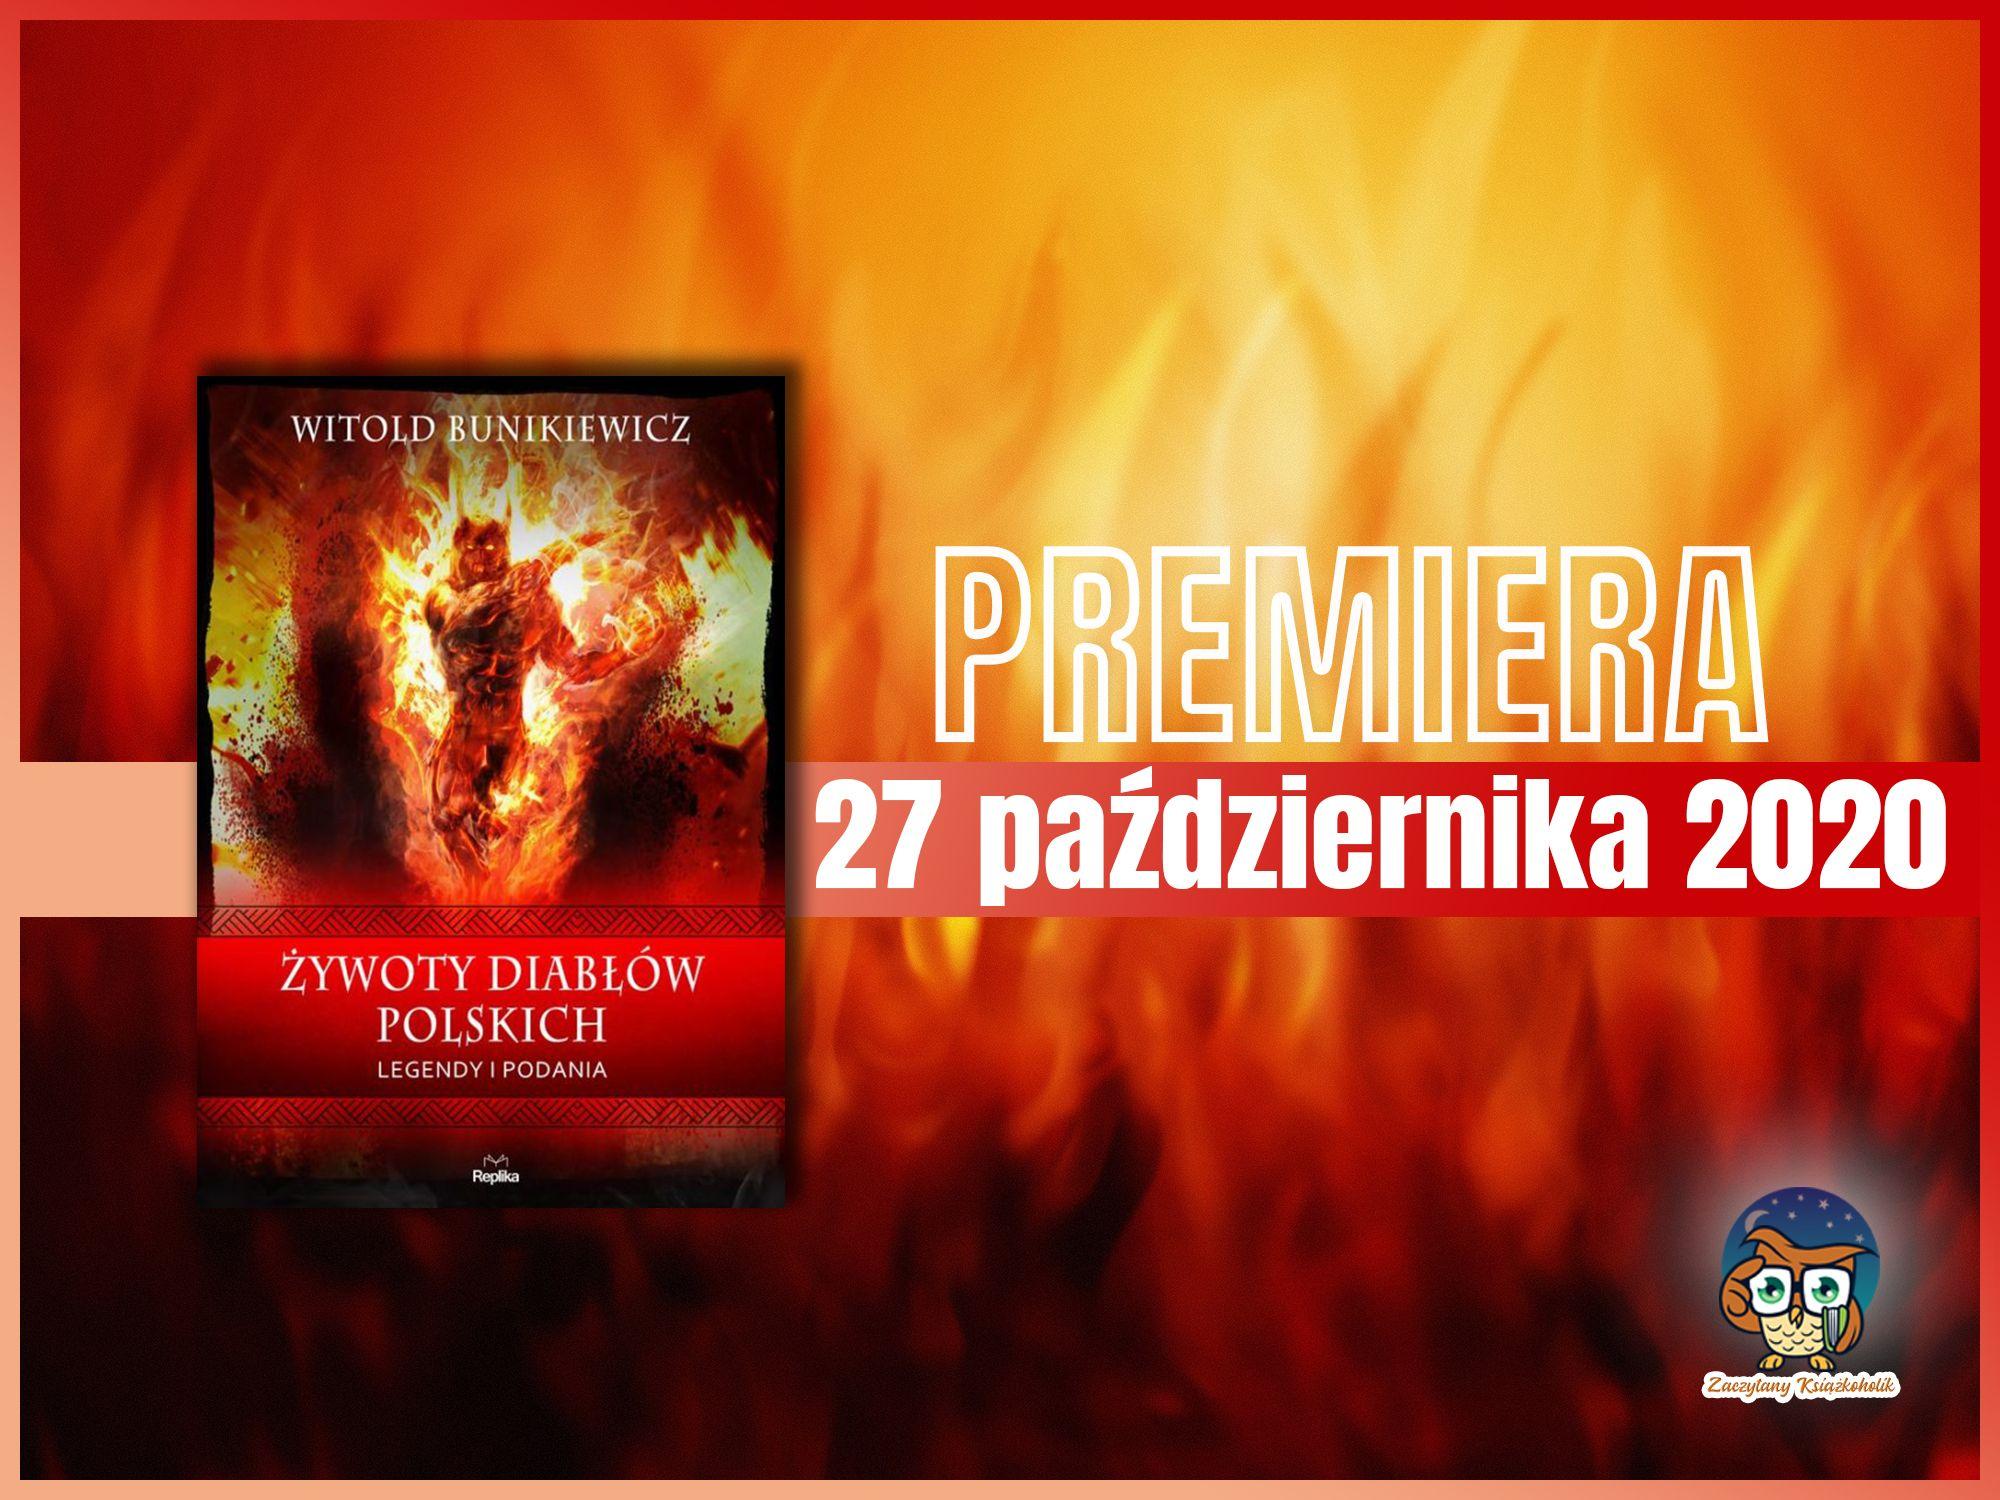 Witold Bunikiewicz, żywoty diabłów polskich, zaczytanyksiazkoholik.pl